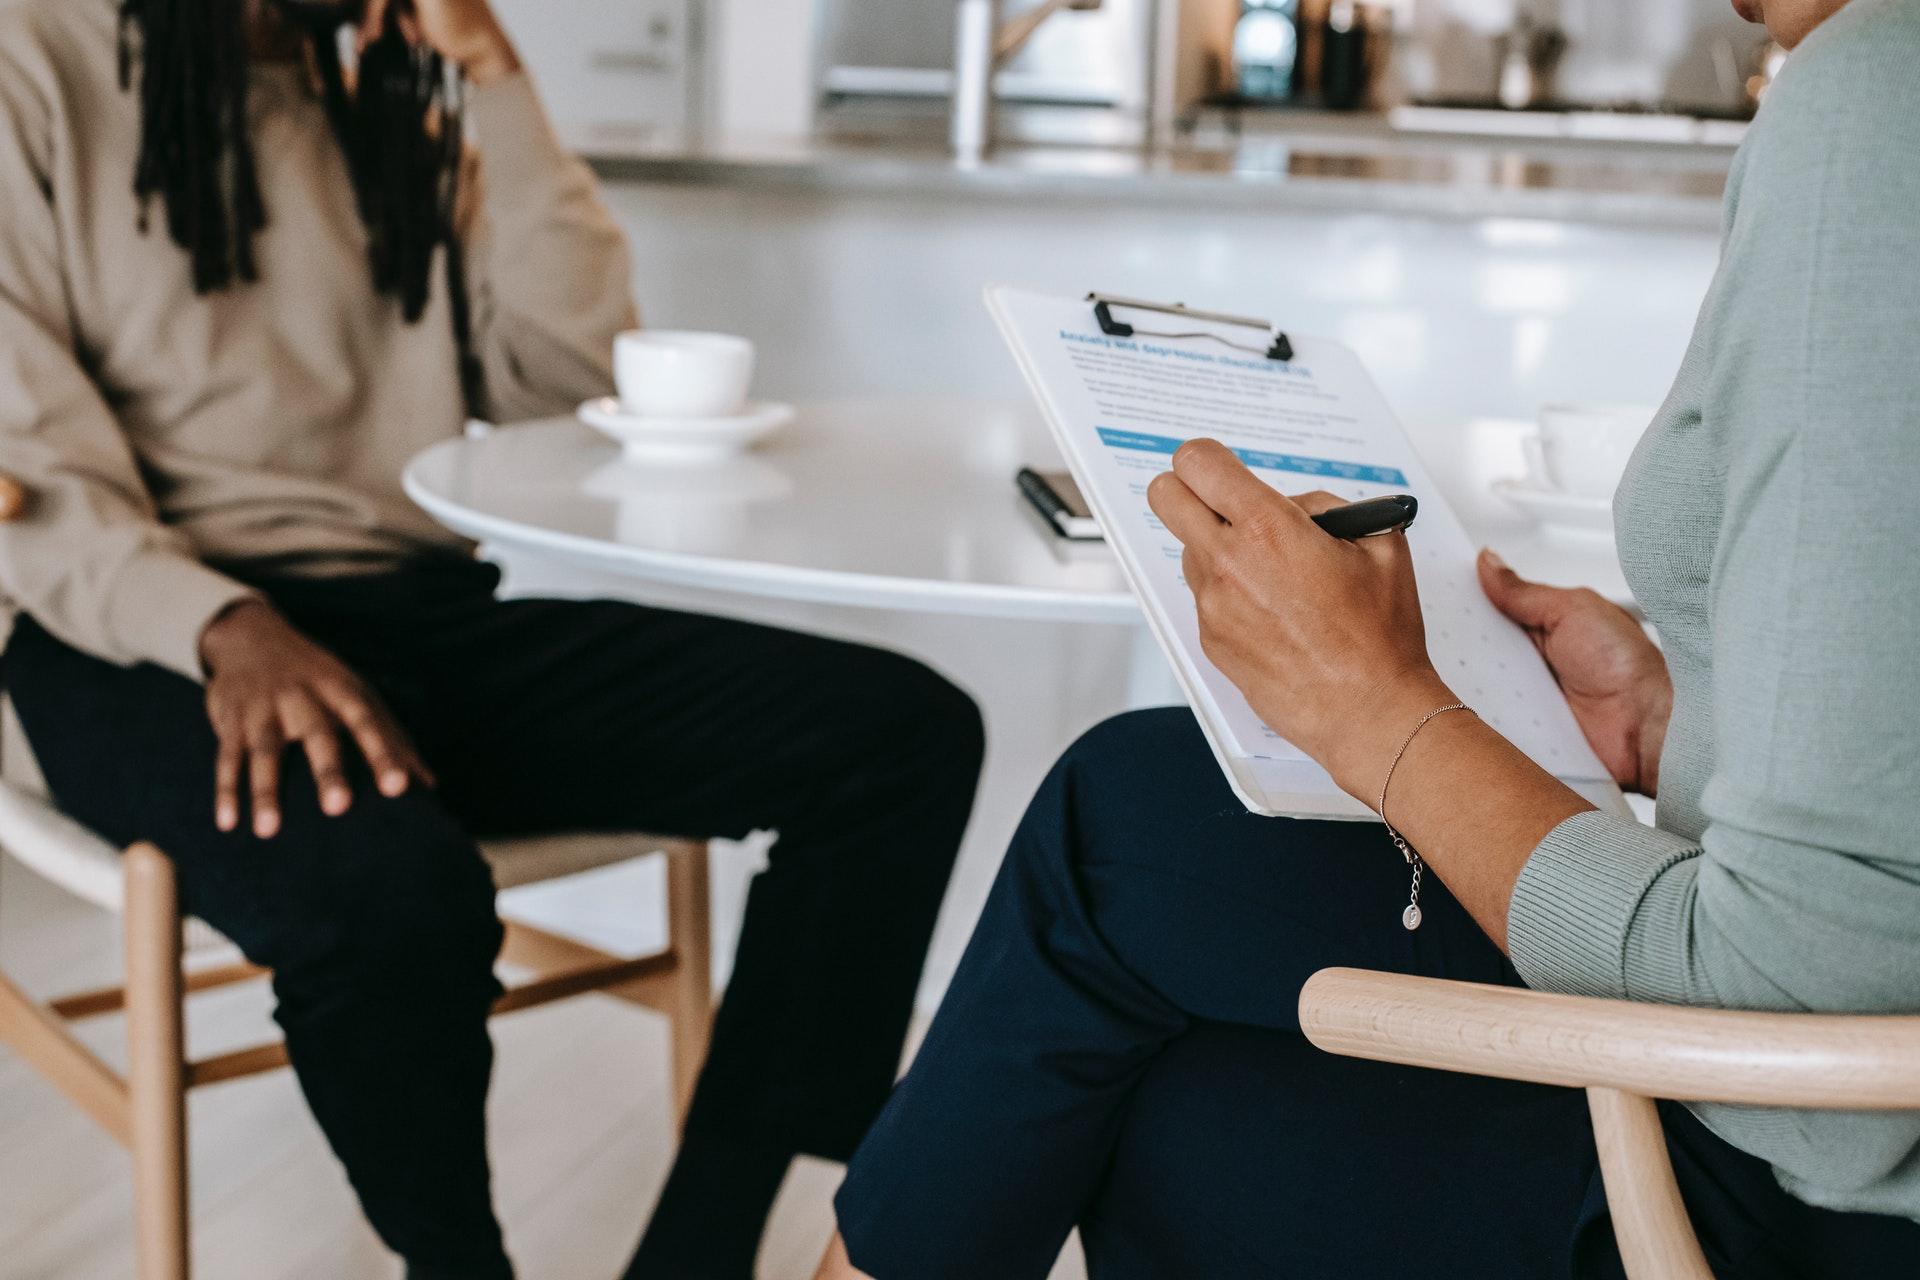 Vemos uma pessoa sentada em frente outra; uma delas preenche um papel em uma prancheta (imagem ilustrativa). Texto: negócios baratos e lucrativos.